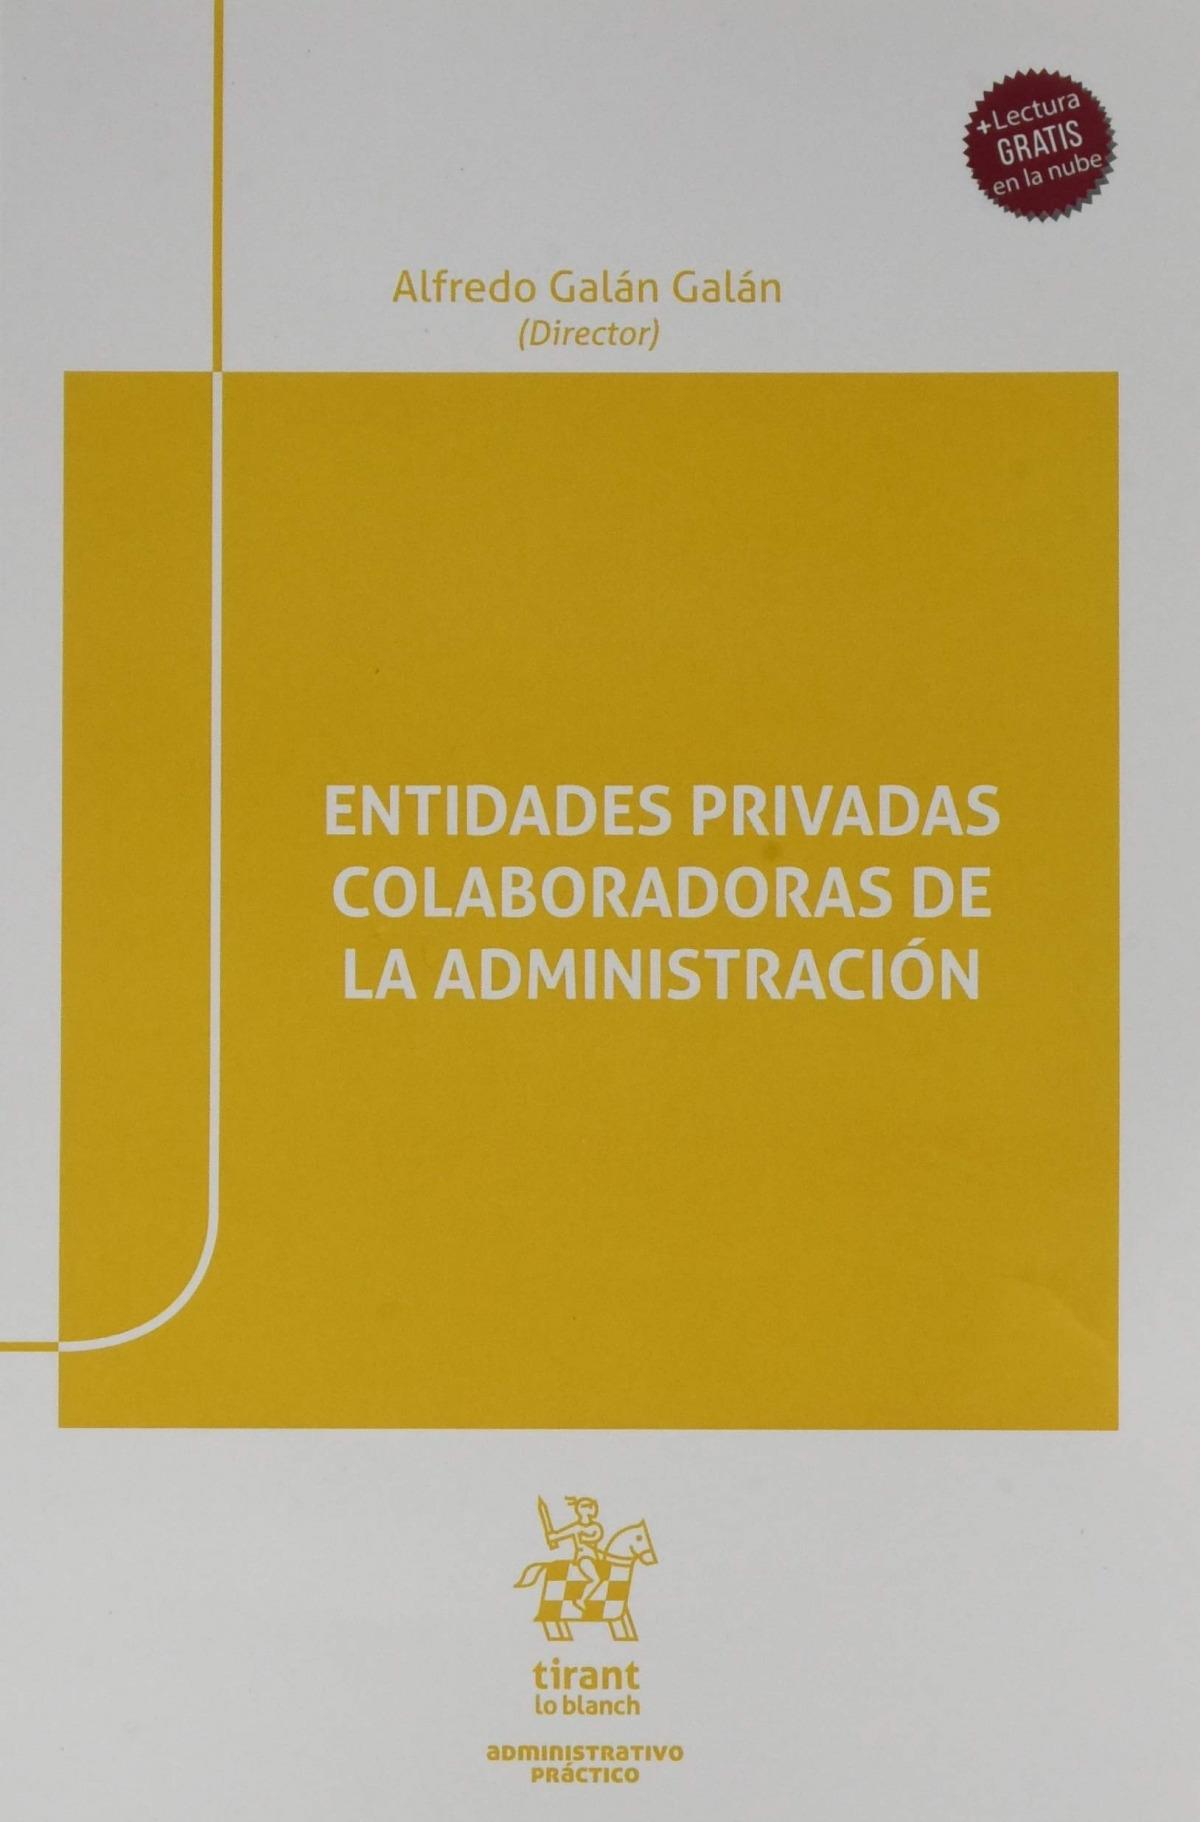 Entidades Privadas Colaboradoras de la Administración